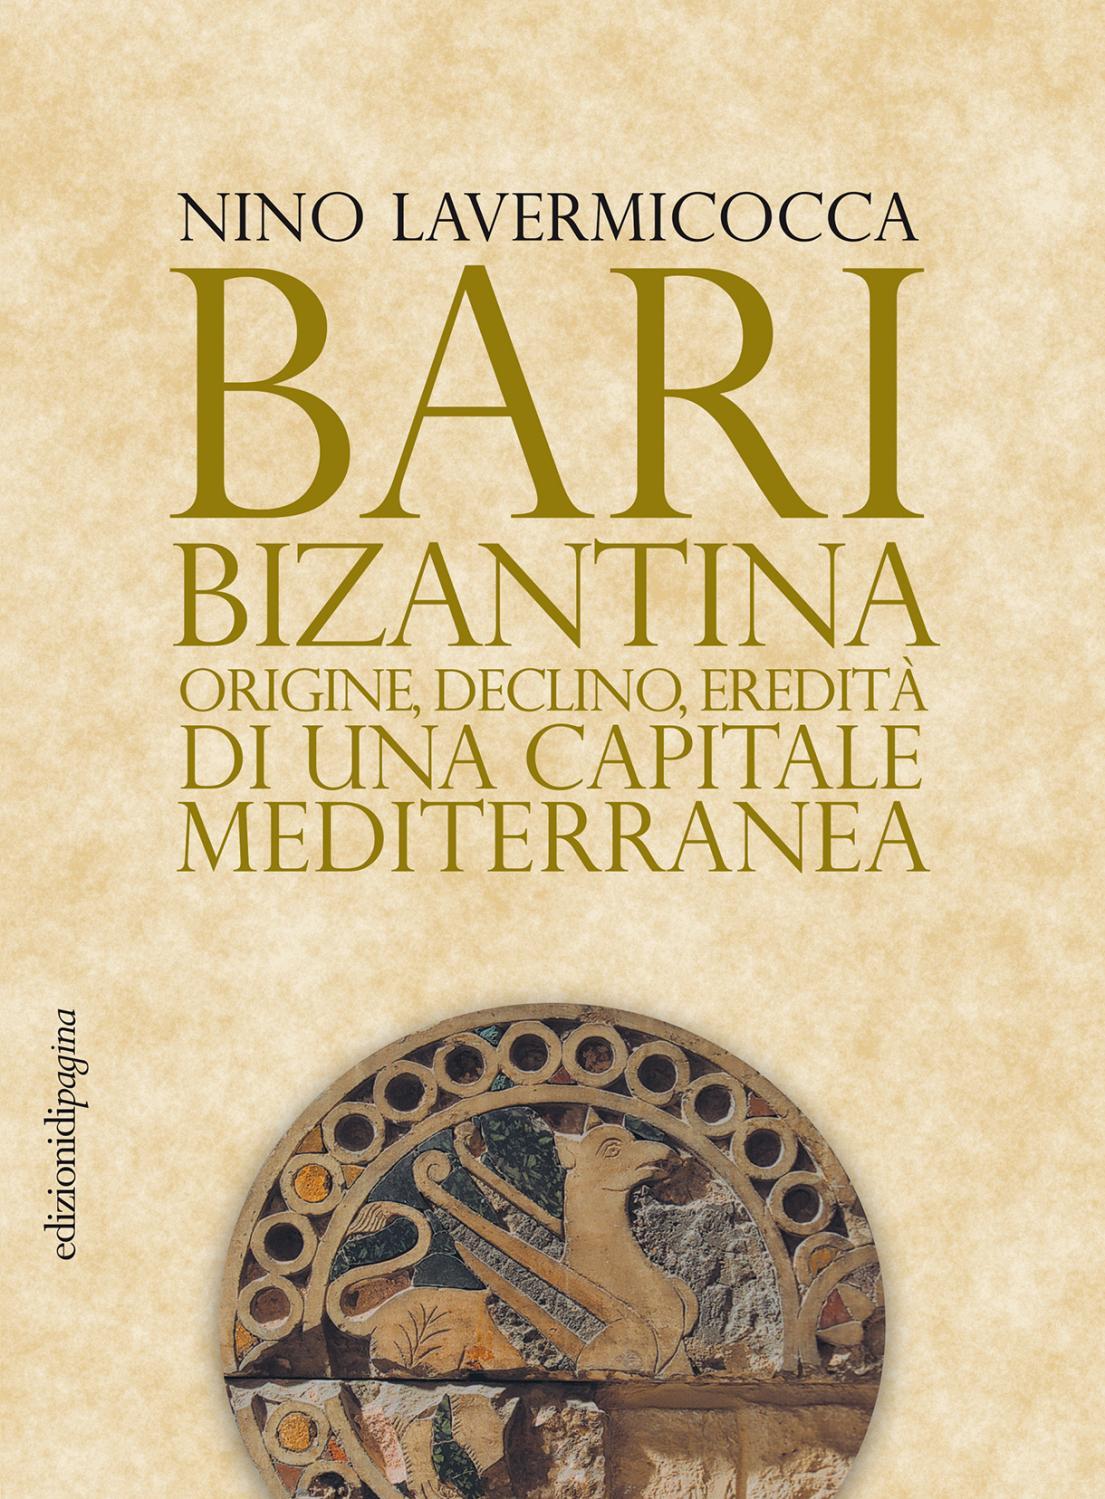 Bari bizantina  Origine, declino, eredità di una capitale